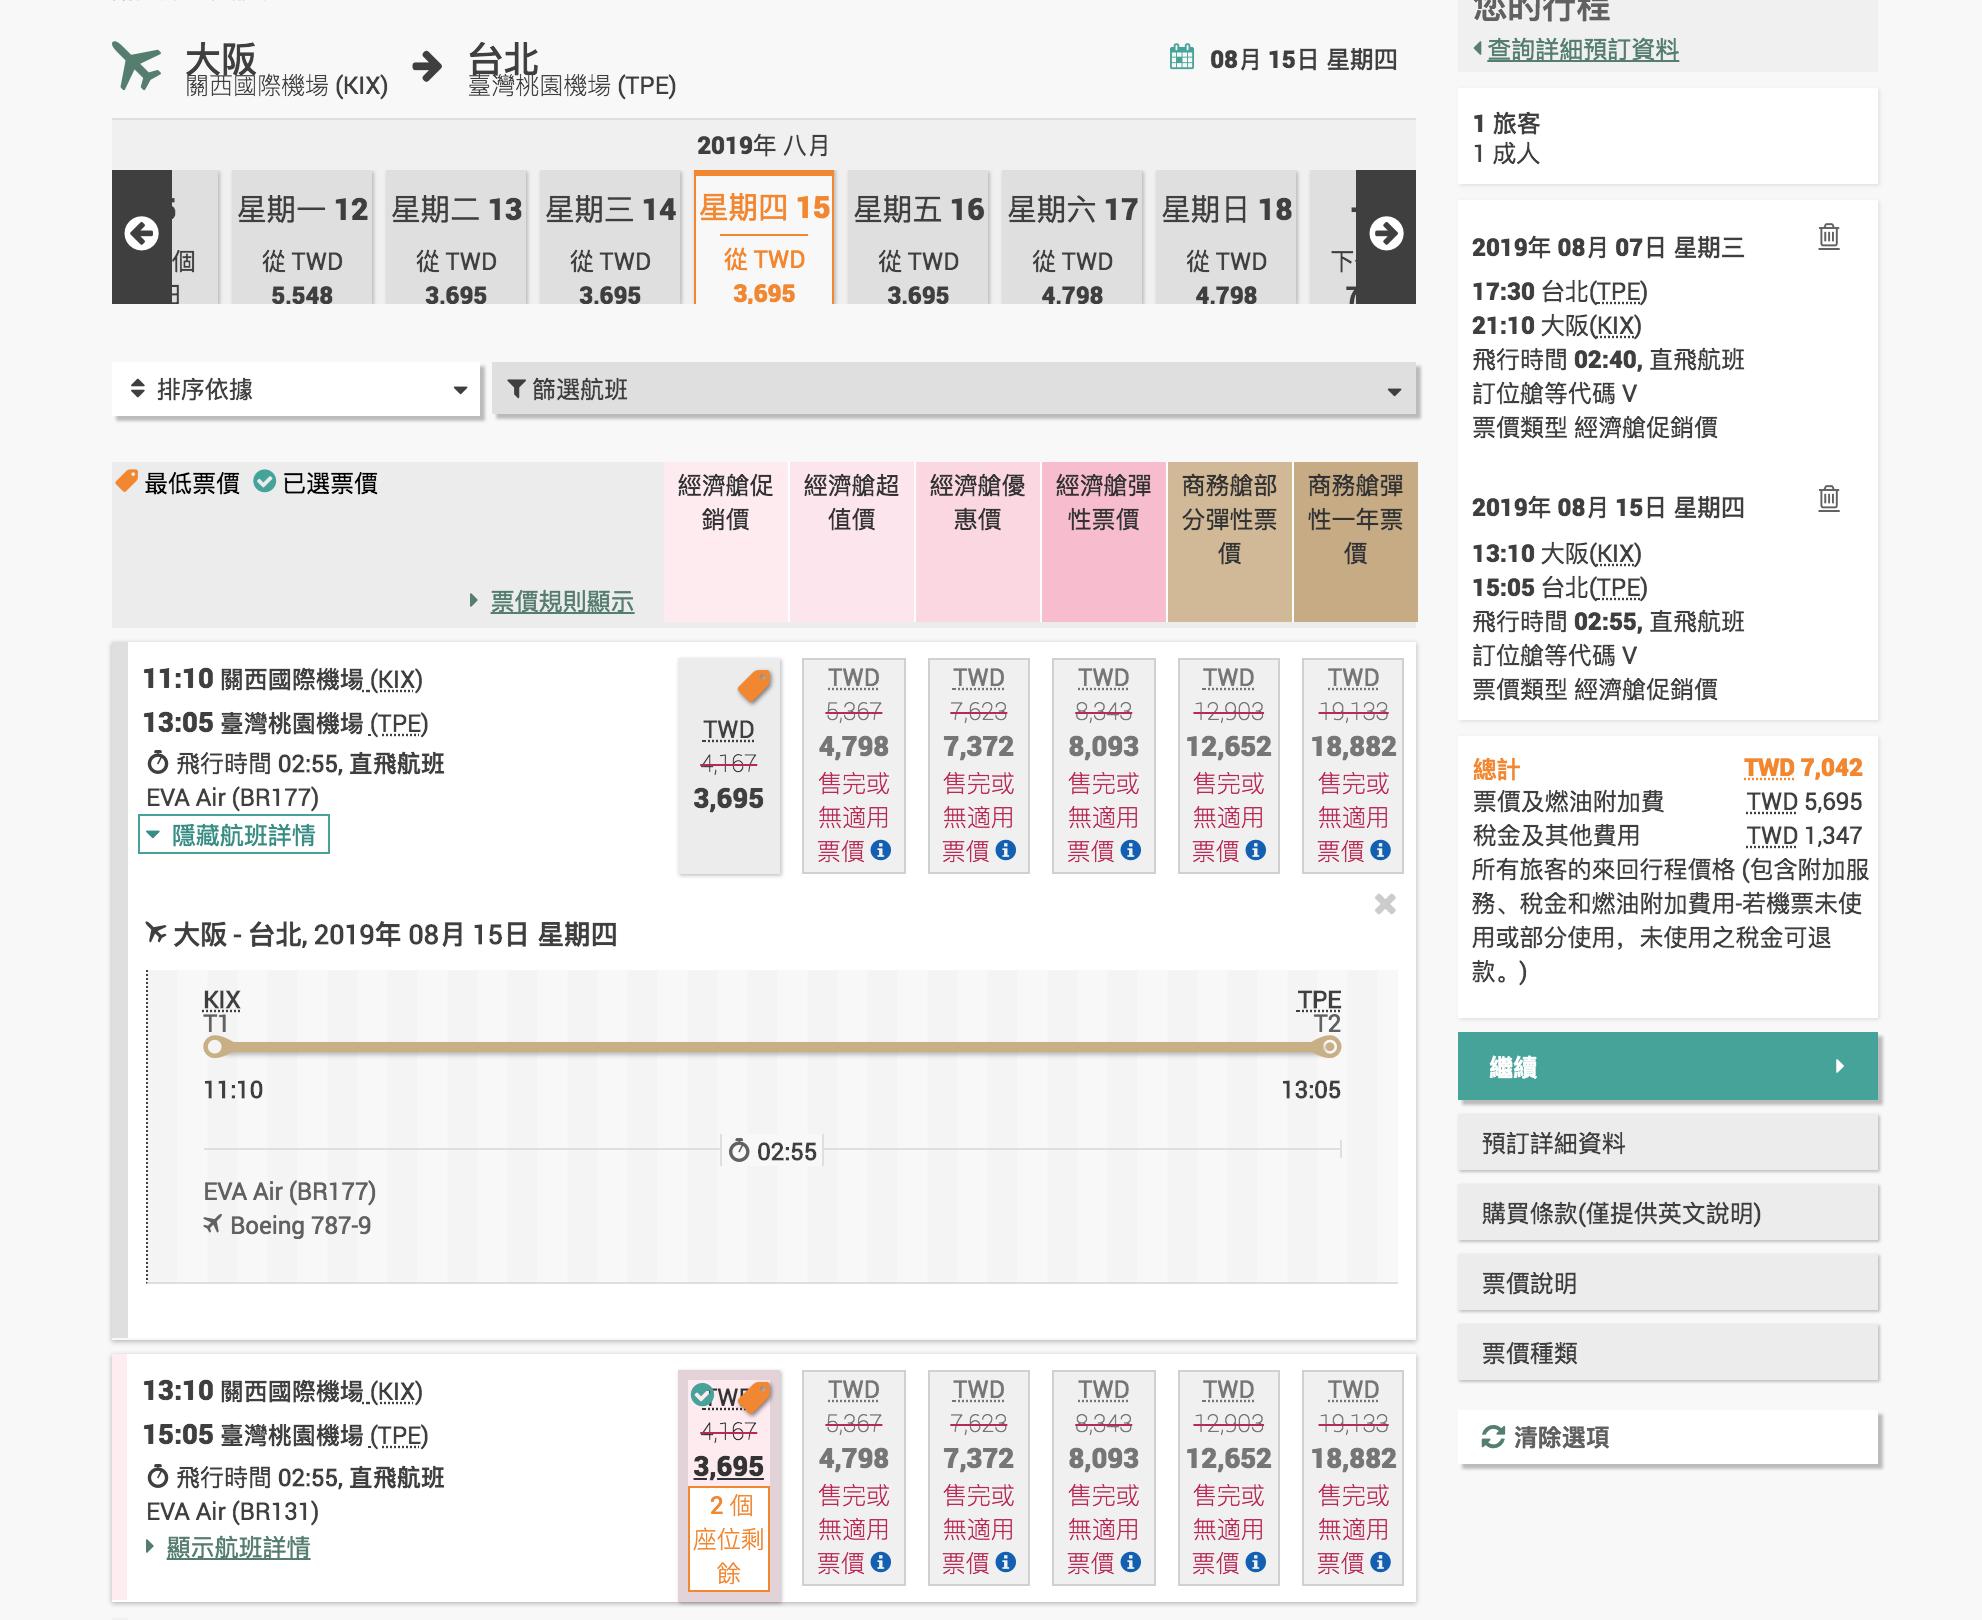 暑假長榮早鳥日韓特價仍多,最低7K暑假遊日韓~曼谷6K~輸入折扣碼可以再省500元~(查票:108.1.2)